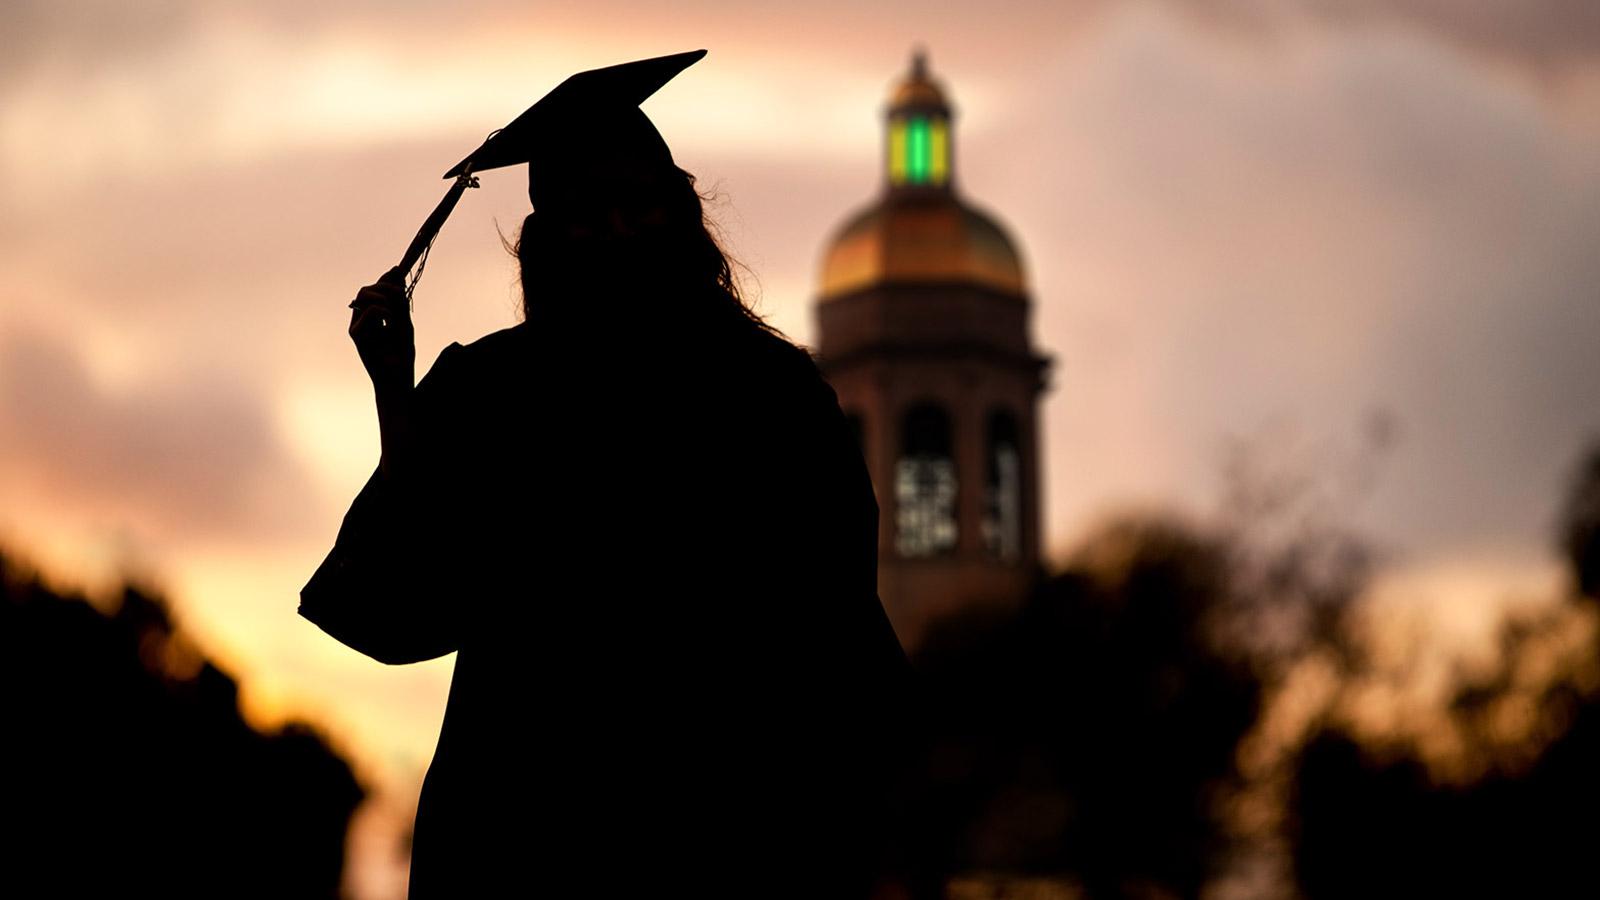 Baylor University A Nationally Ranked Christian University